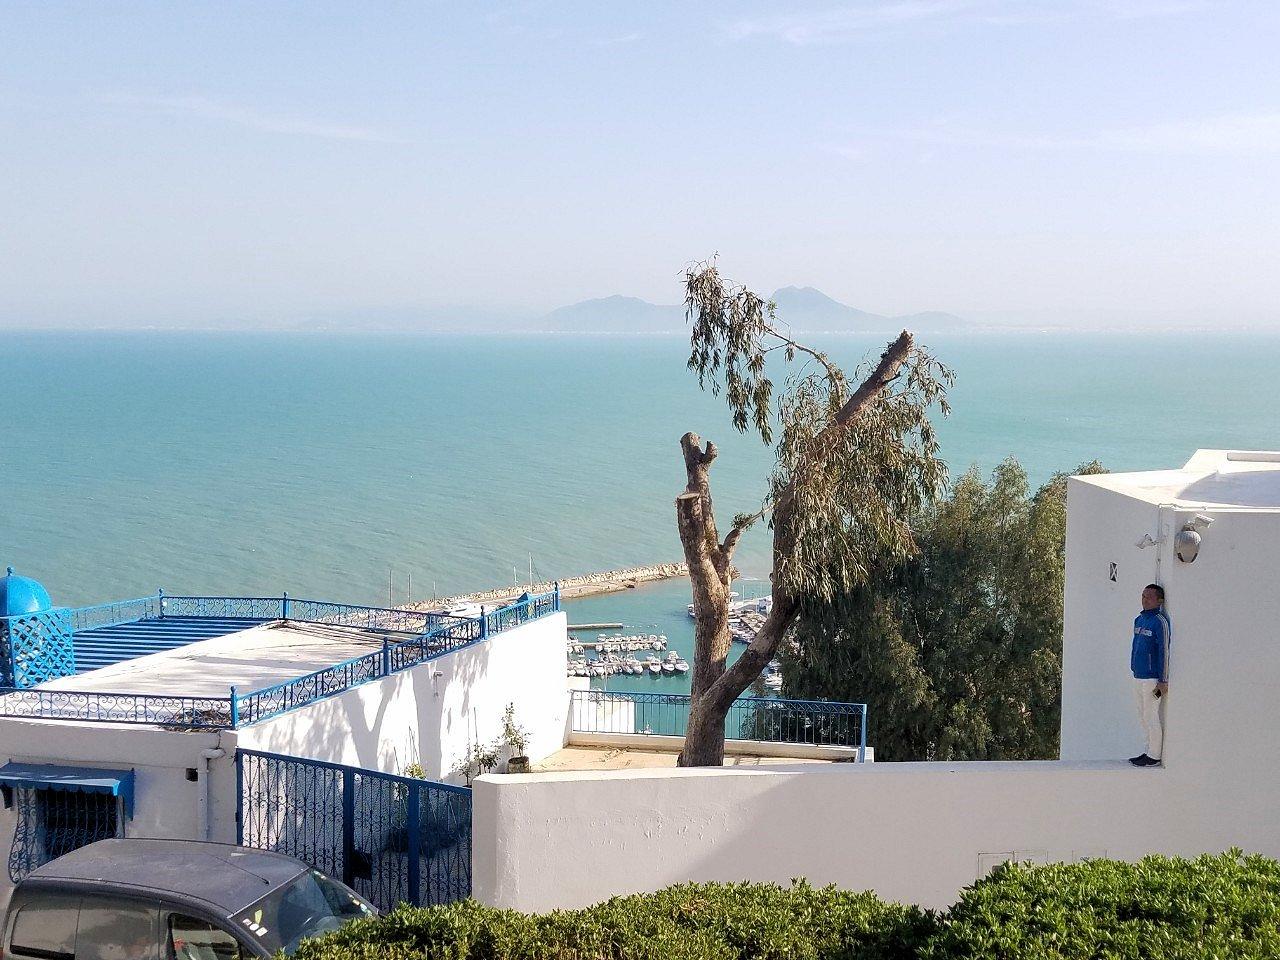 チュニジア:シディ・ブ・サイドの街を進んで絶景ポイントで写真撮影に夢中7